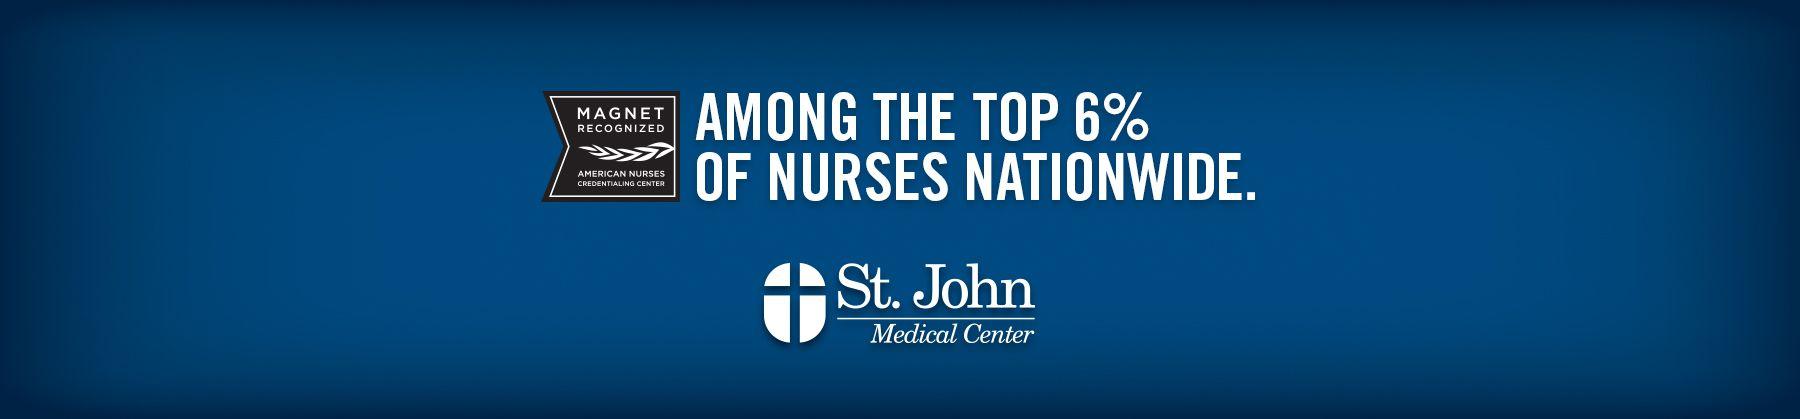 Nursing Magnet Award